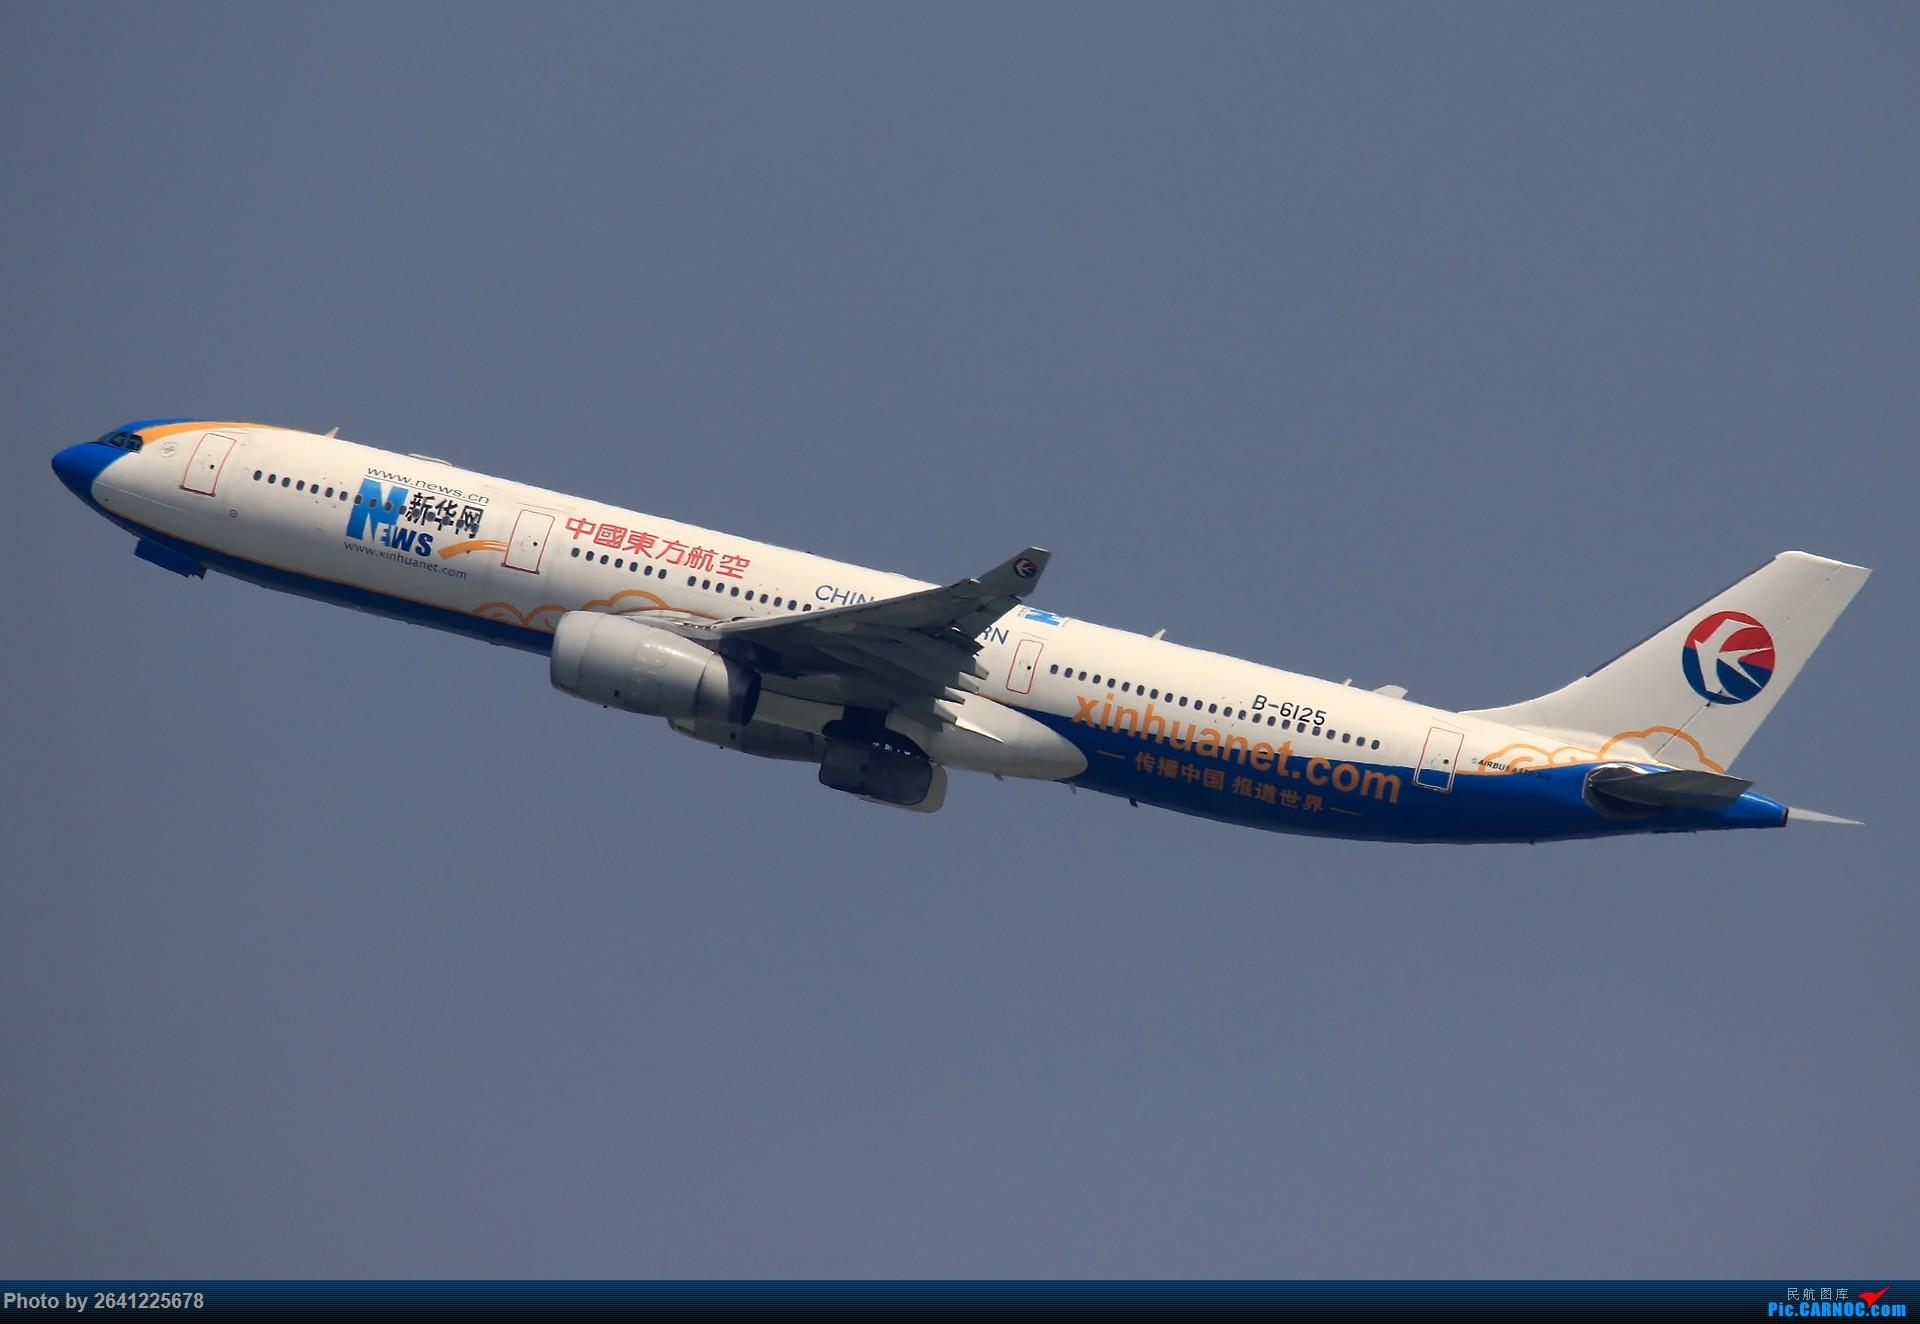 Re:[原创]*****试新机+新镜***** 1920(烂天+地热+渣技术,望大佬多多包涵) AIRBUS A330-300 B-6125 中国北京首都国际机场